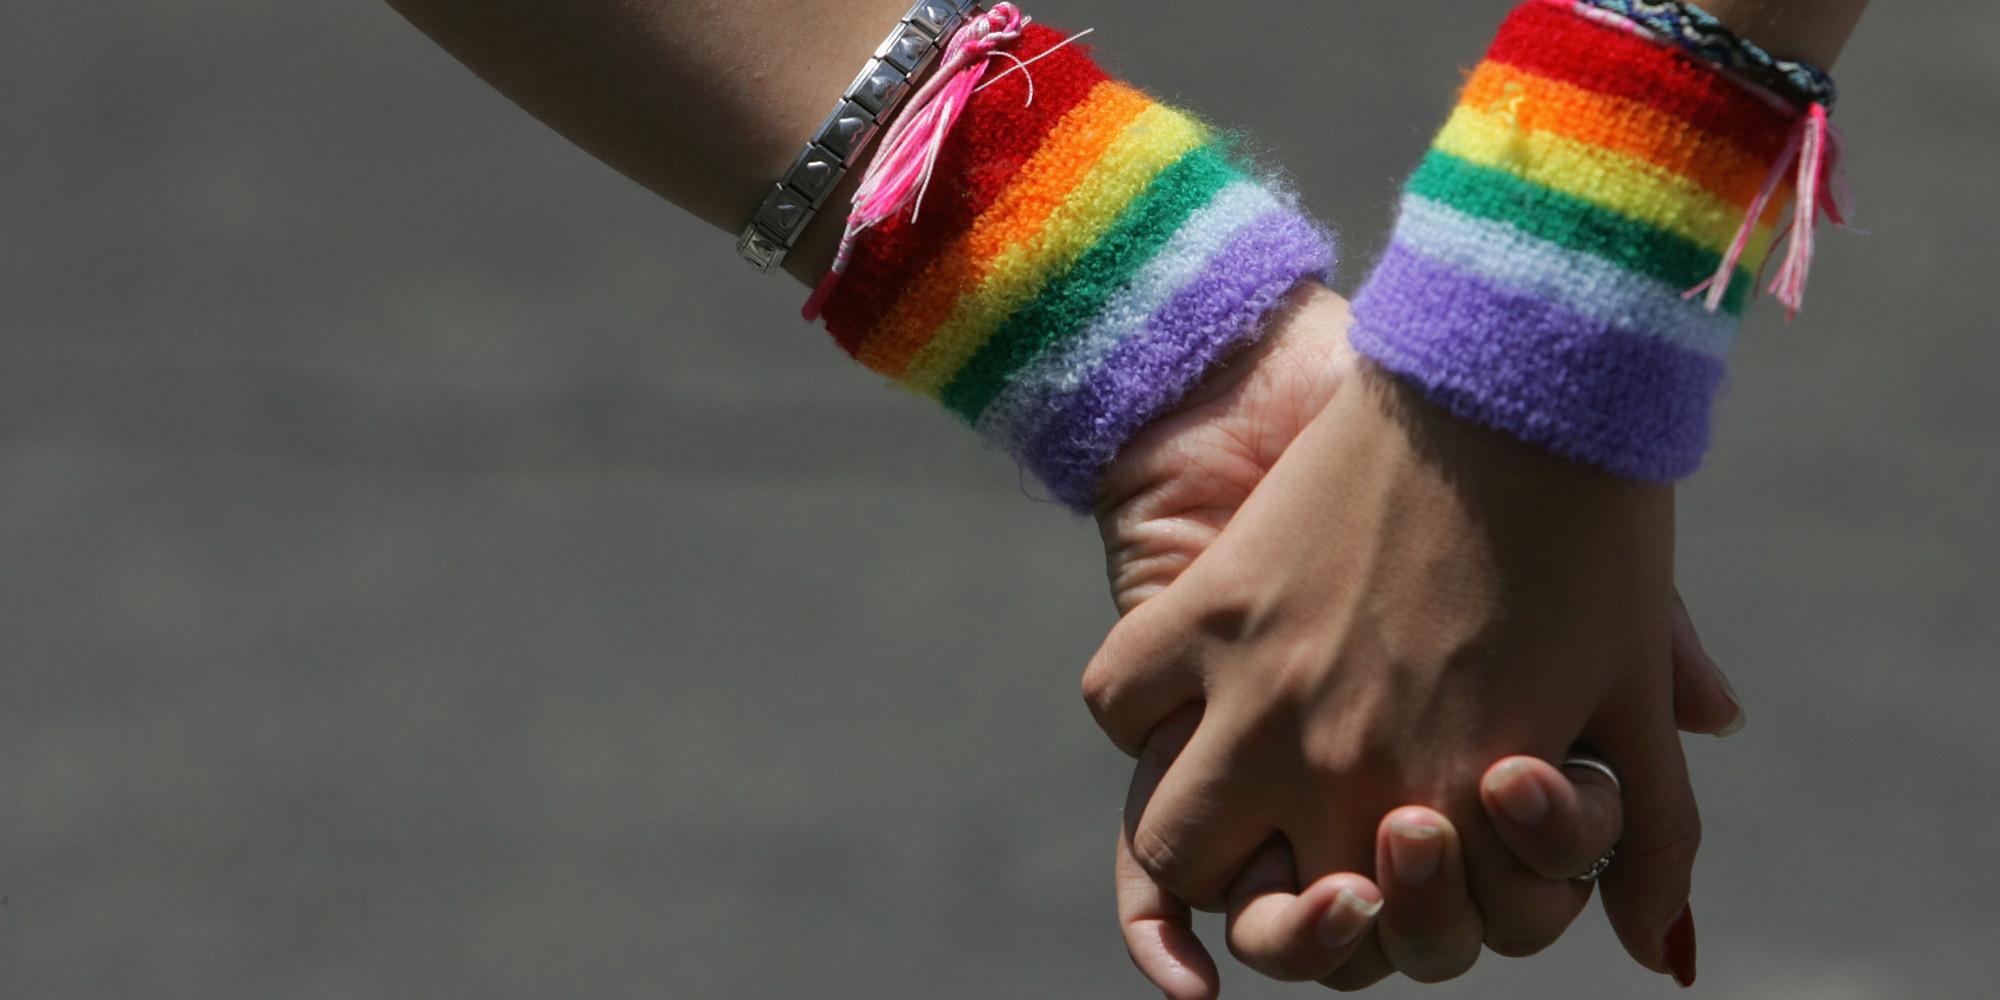 Austauschjahr USA- Erwhnen dass ich homosexuell bin?